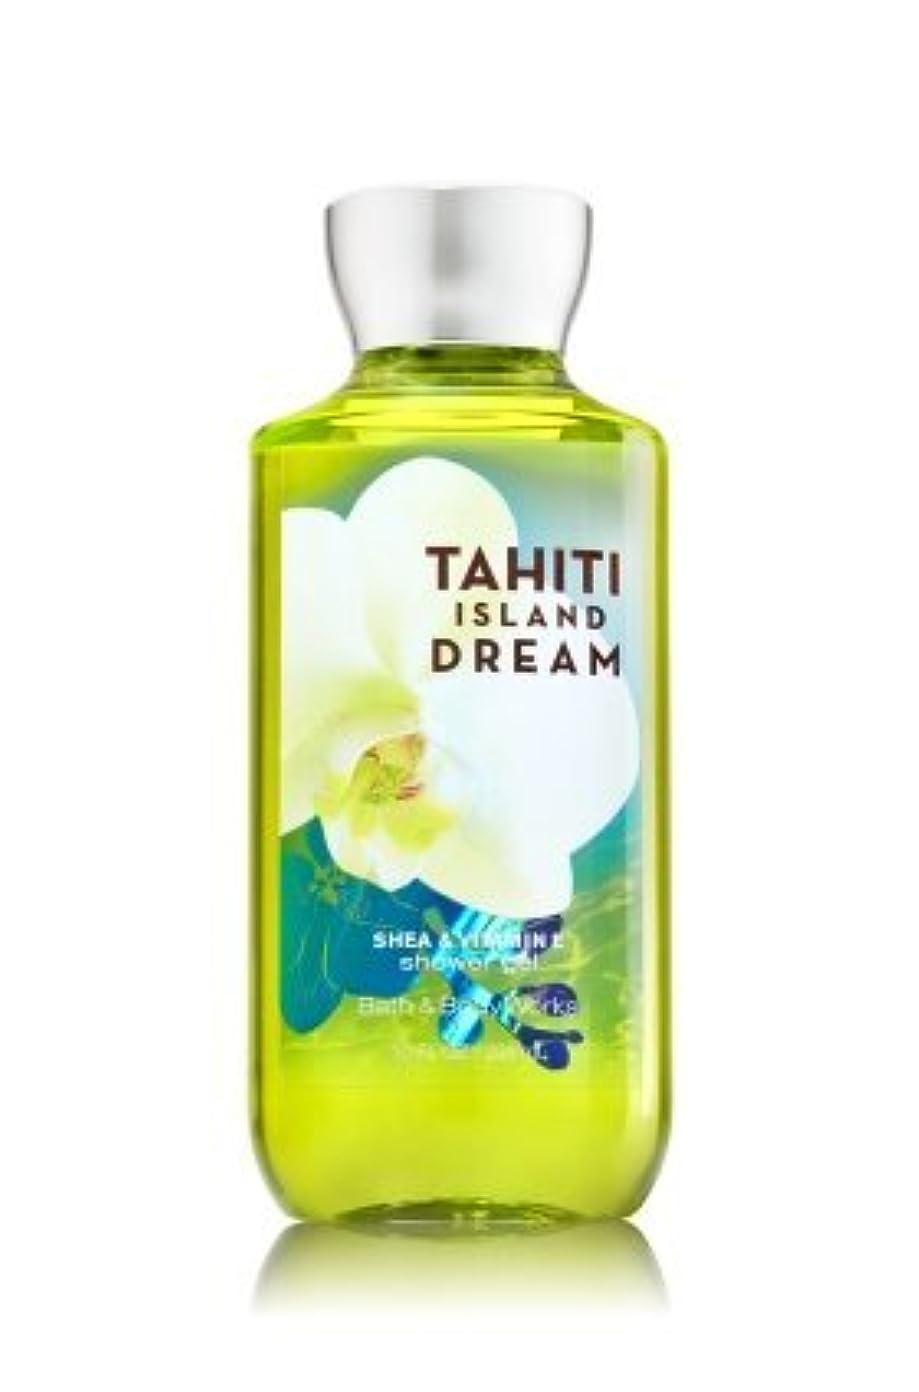 回復する症状柔らかい足【Bath&Body Works/バス&ボディワークス】 シャワージェル タヒチアイランドドリーム Shower Gel Tahiti Island Dream 10 fl oz / 295 mL [並行輸入品]